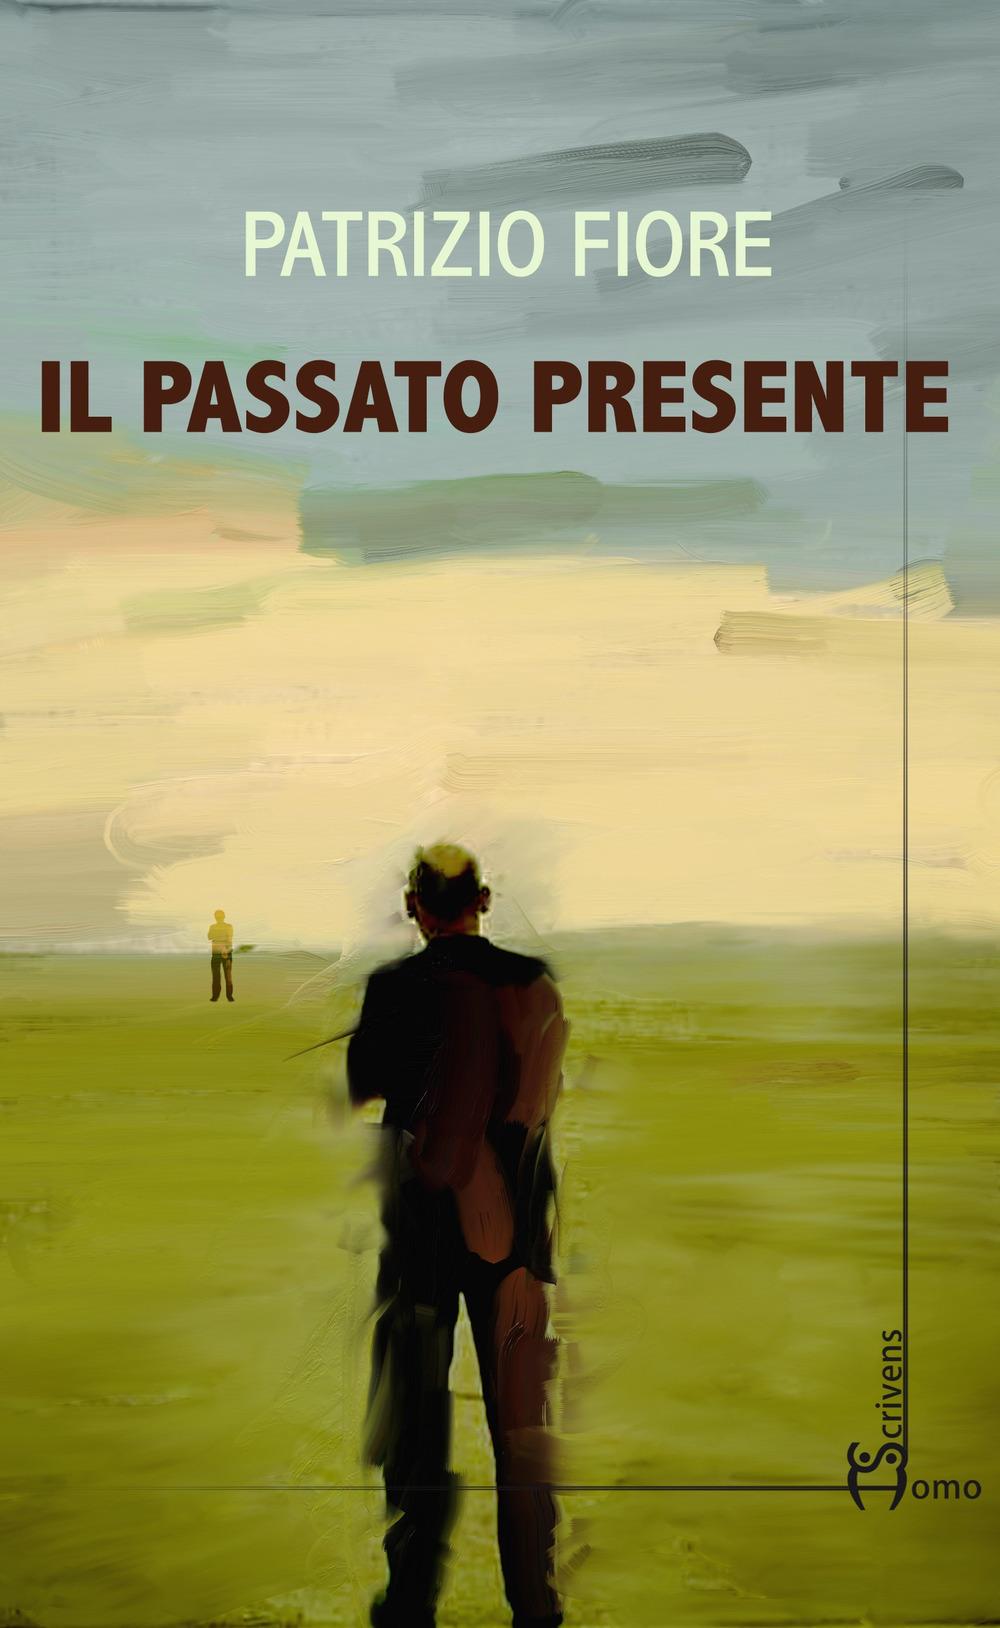 Patrizio Fiore Il passato presente Patrizio Fiore ISBN:9788832781090